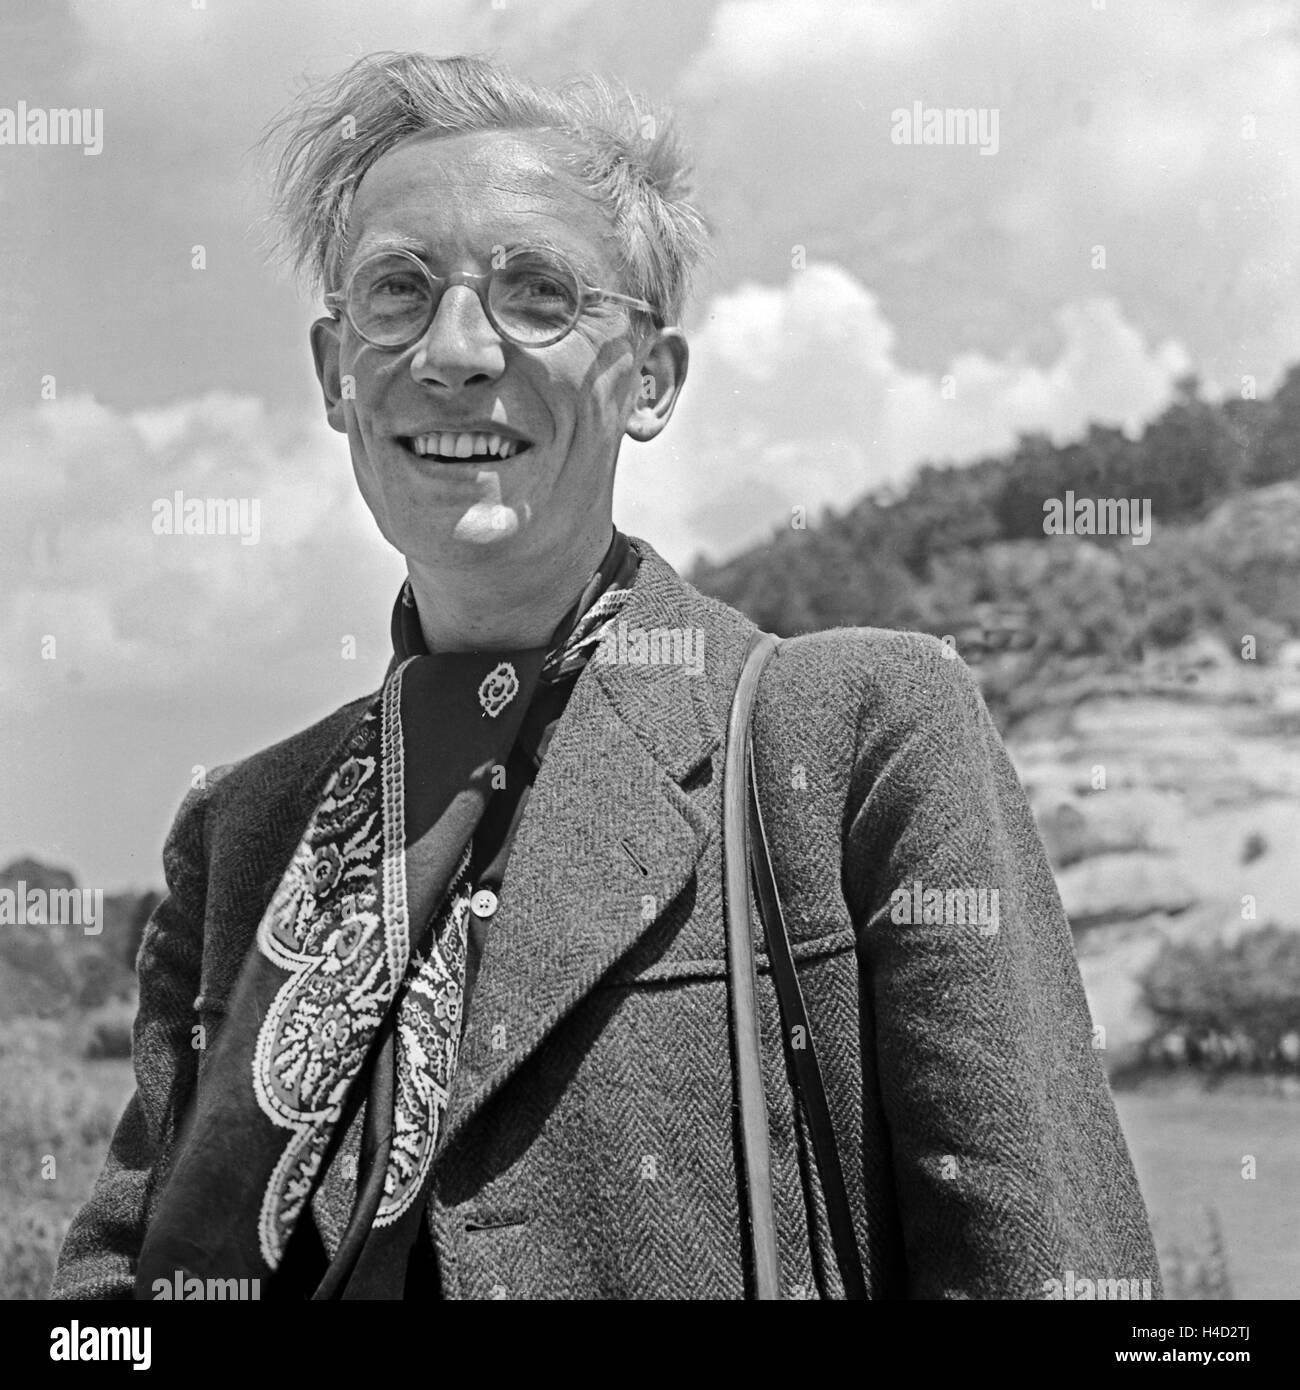 Der Fotograf Karl Heinrich Lämmel, Deutschland 1930er Jahre. The photographer Karl Heinrich Laemmel, Germany 1930s. Stock Photo